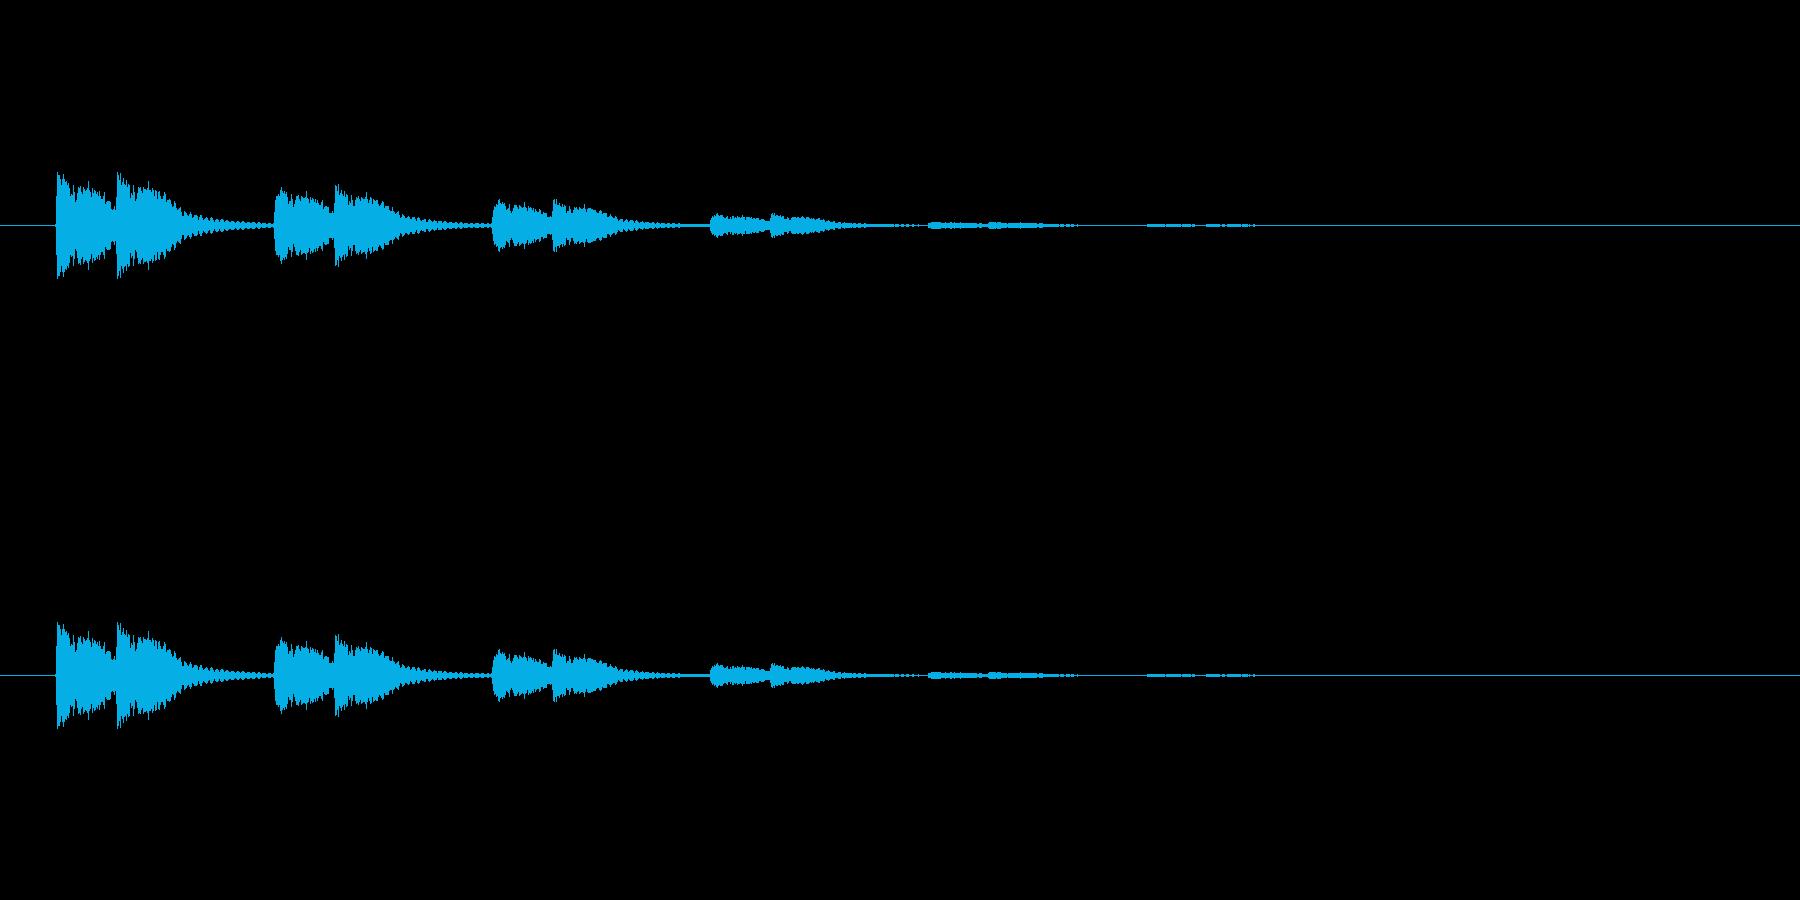 【びっくり07-4】の再生済みの波形